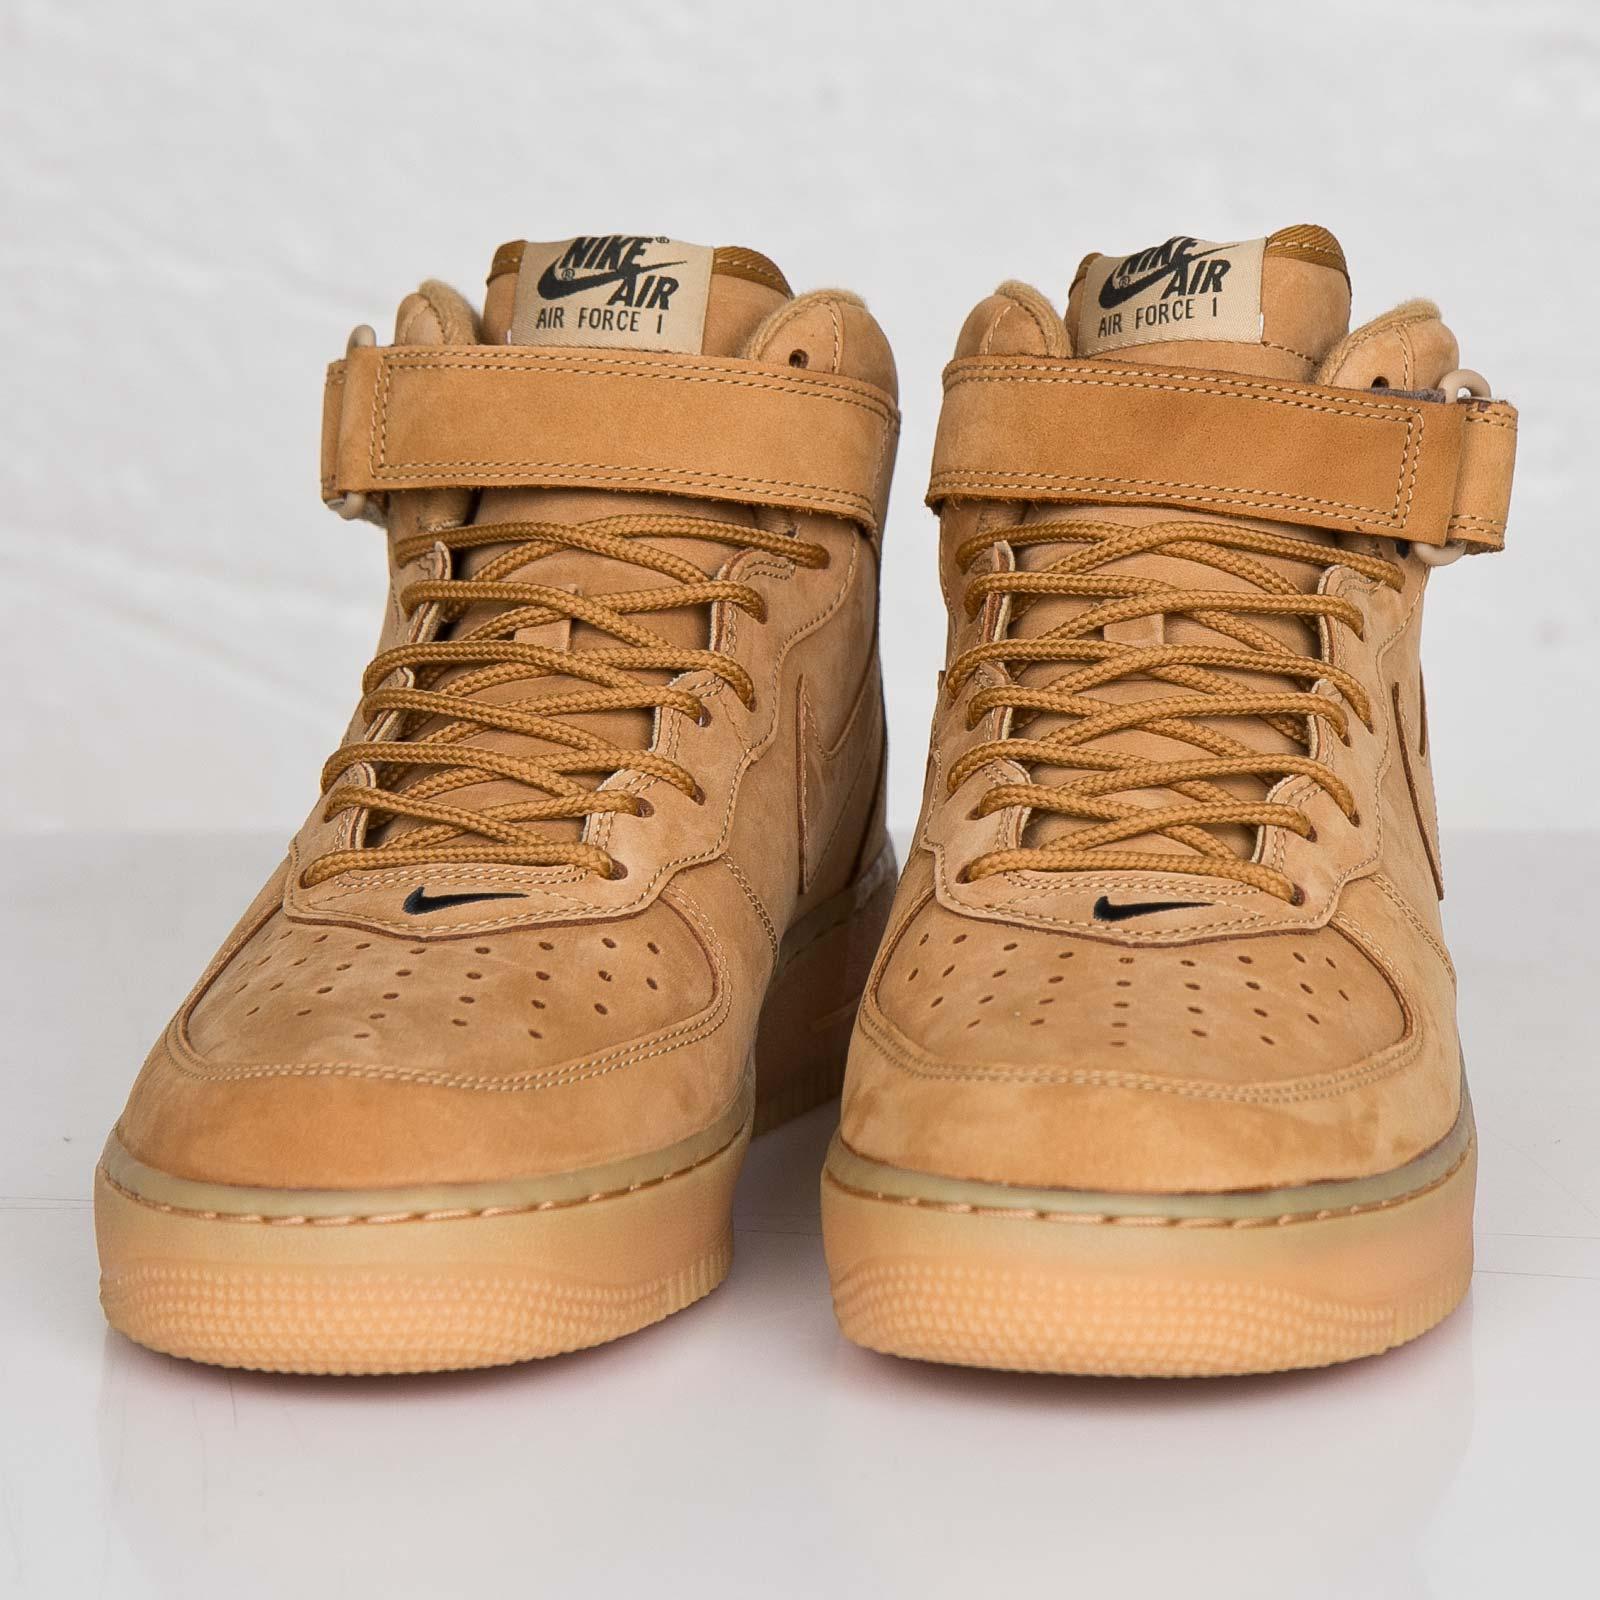 cheaper d4dbc 085d6 ... Nike Air Force 1 Mid ´07 Premium QS ...